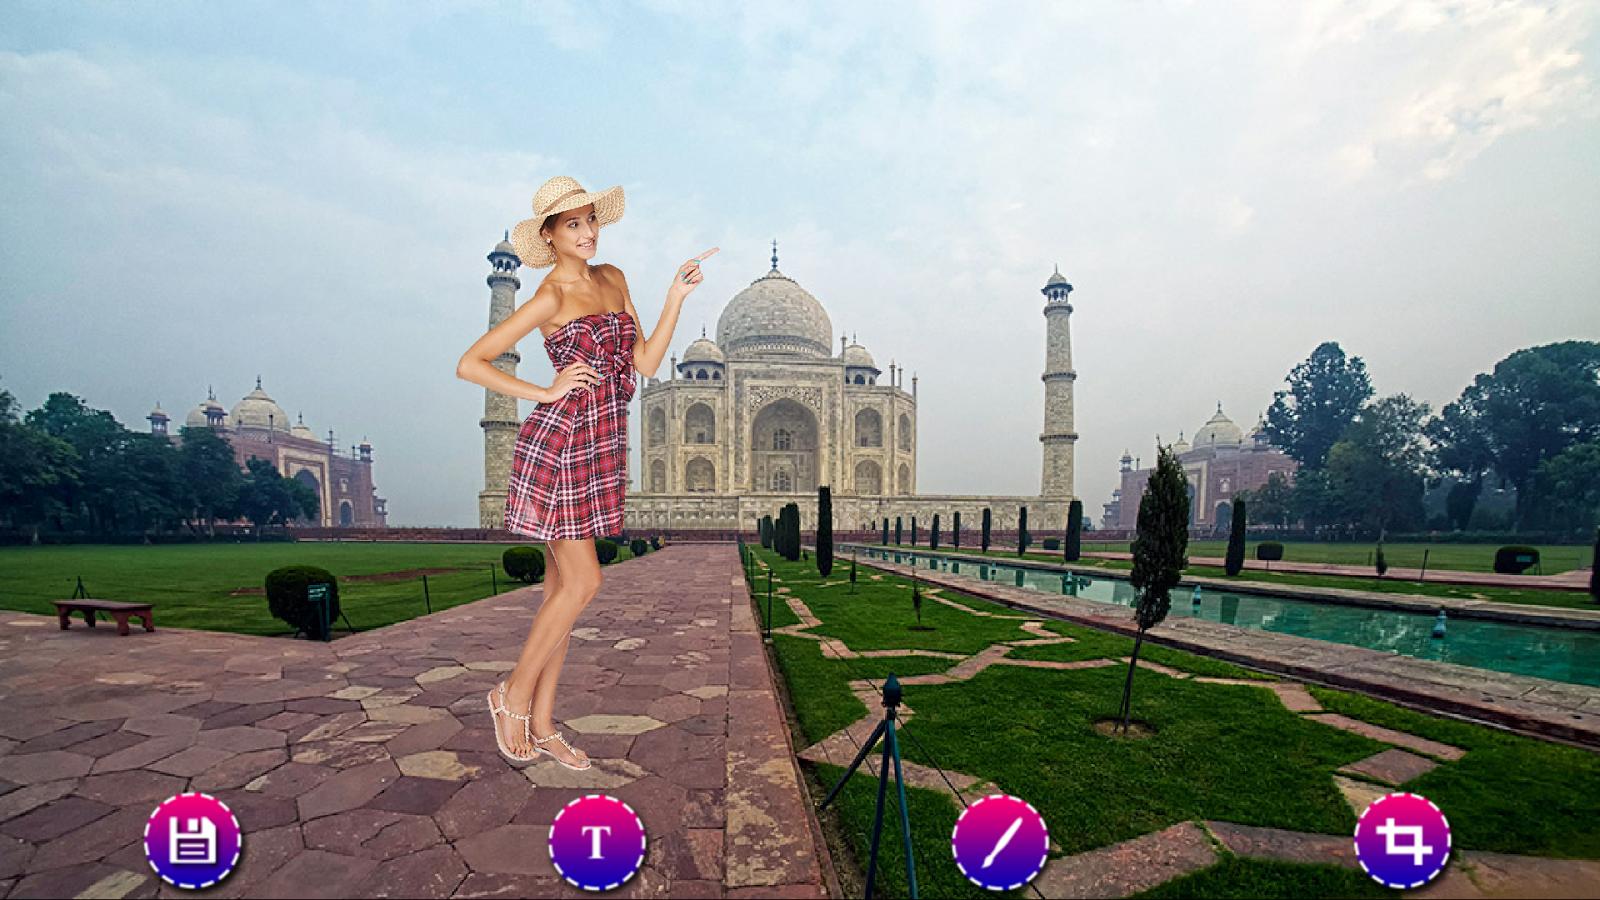 Photo Backgrounds Indir Android Için Fotoğraf Arka Plan Değiştirme